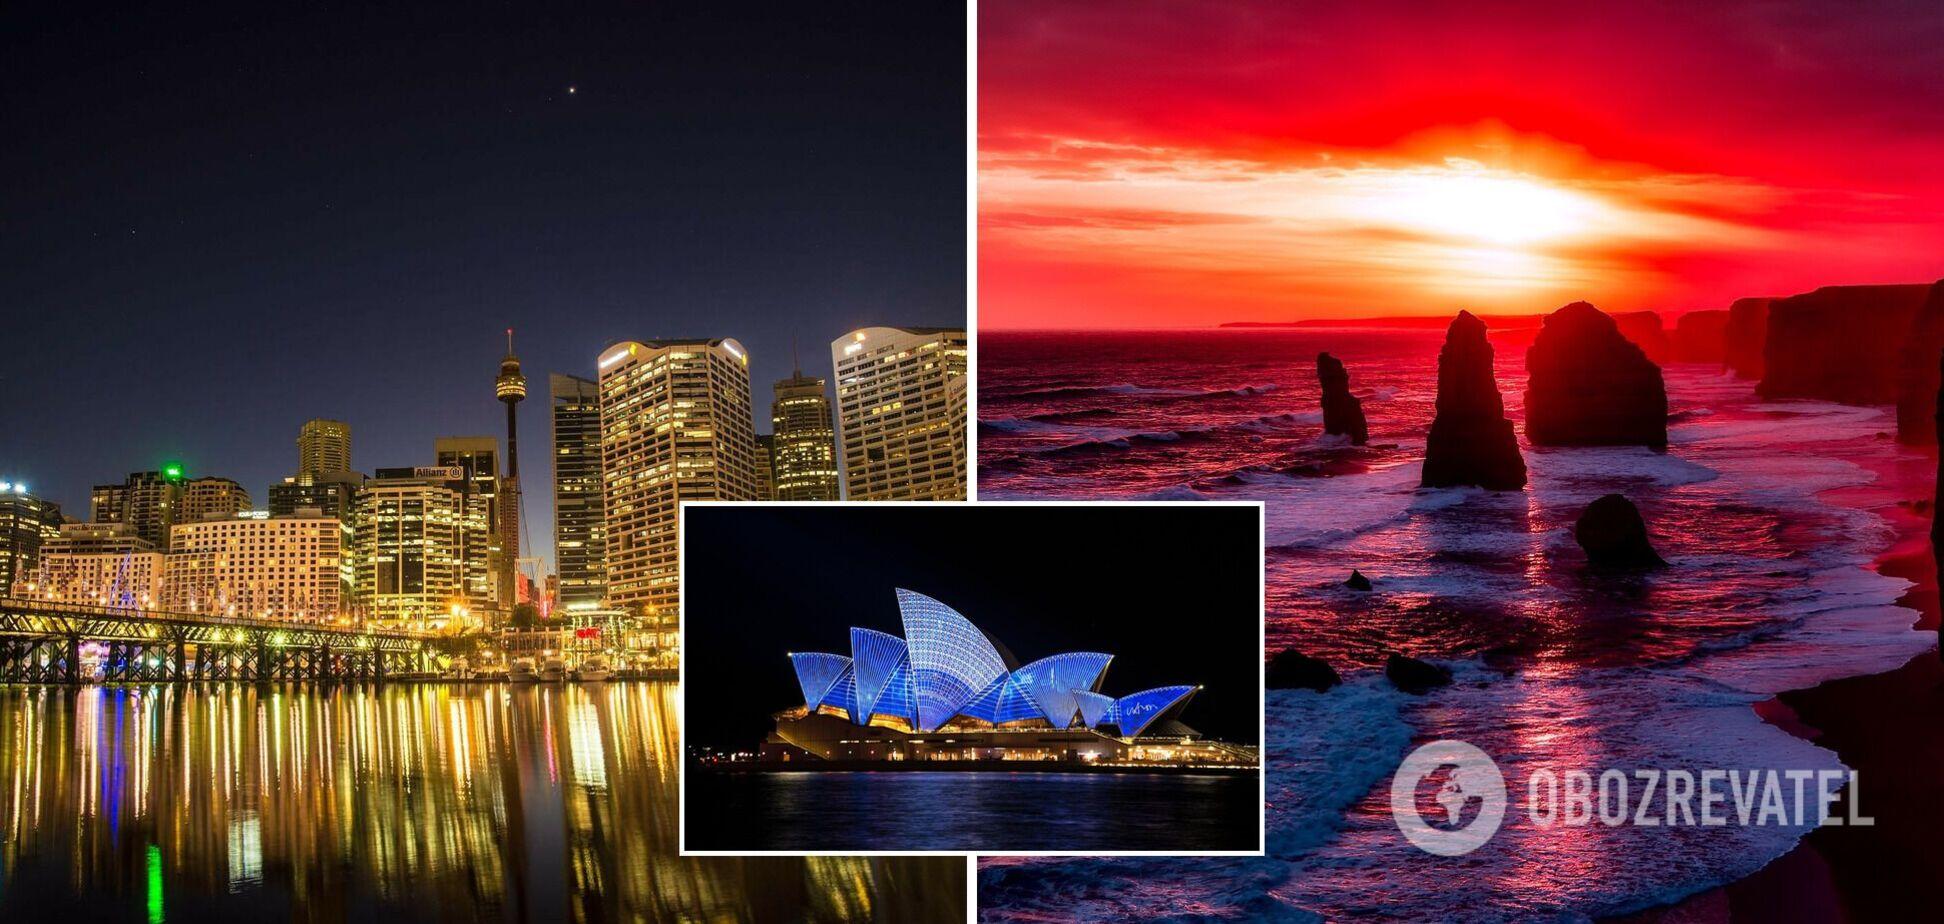 Австралия не будет принимать туристов по меньшей мере до 2022 года: почему так решили